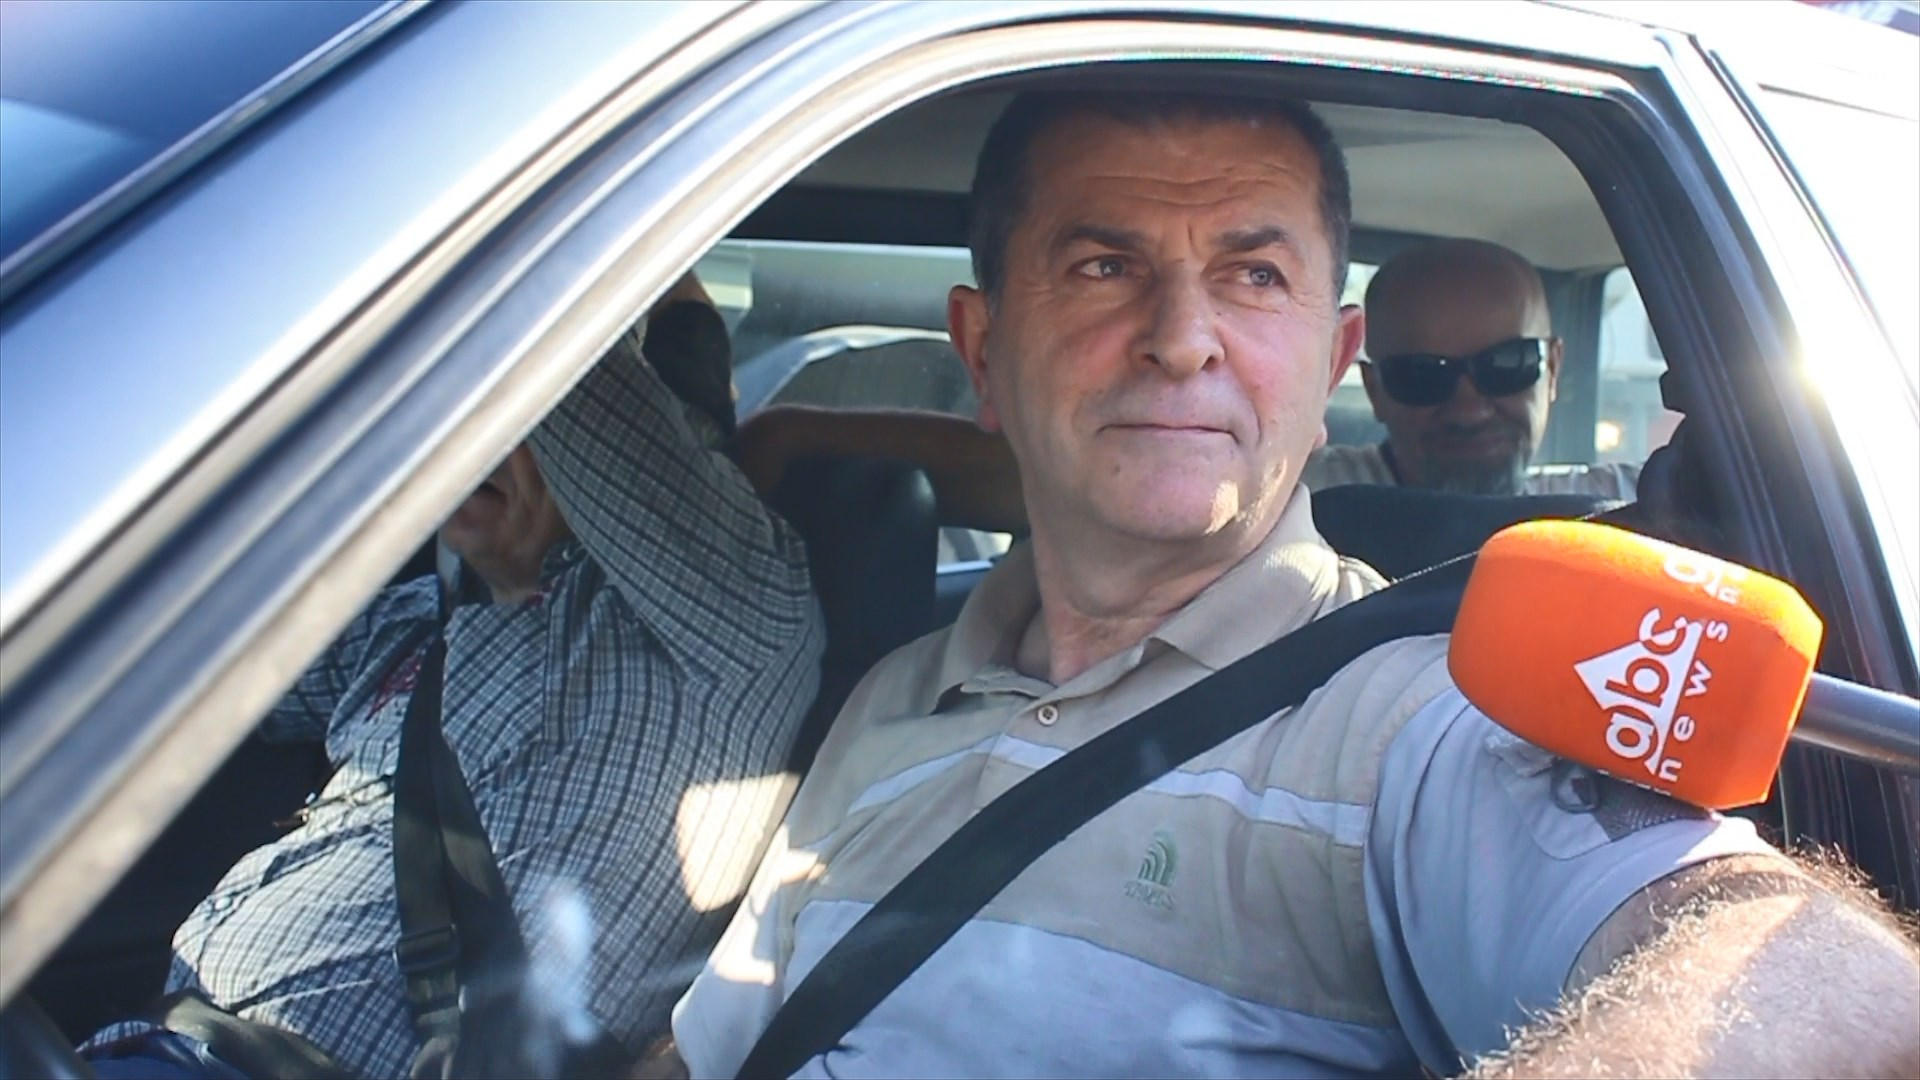 Rikthehet fluksi në Morinë/ Udhëtarë nga Kosova pushime në fundjavë